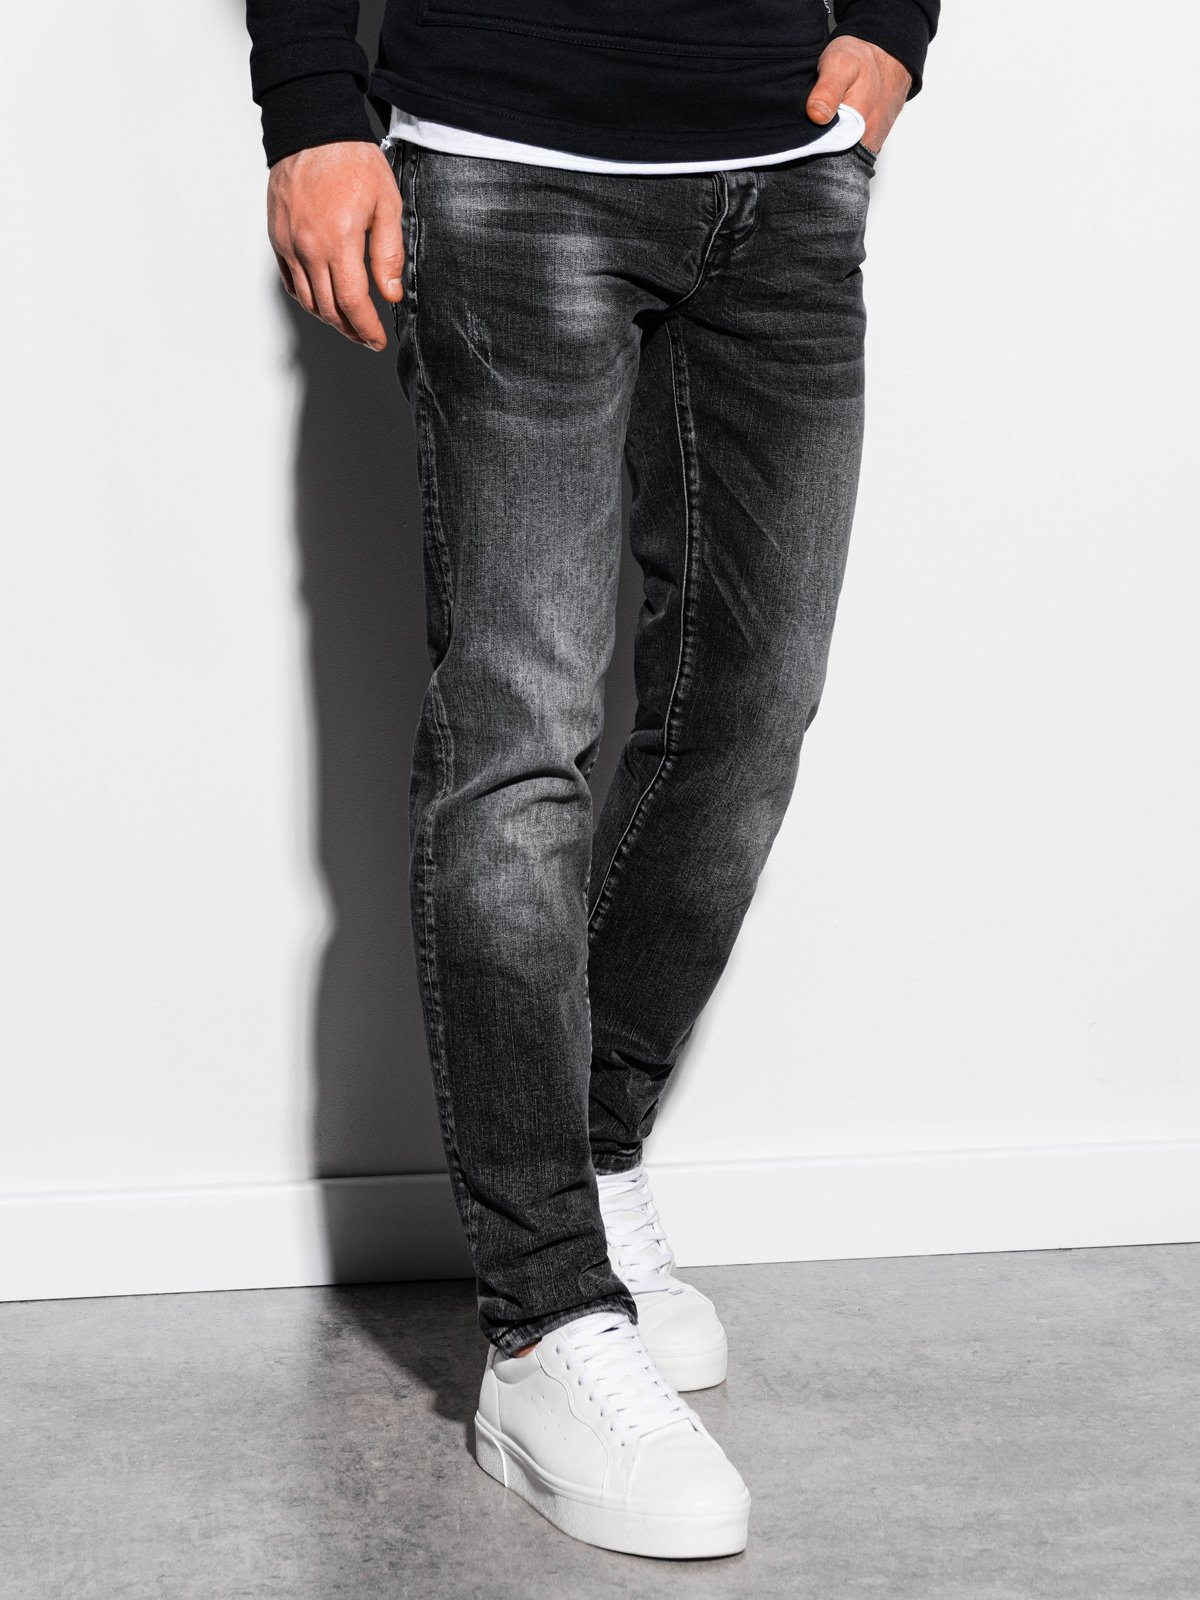 Spodnie męskie jeansowe P858 - czarne